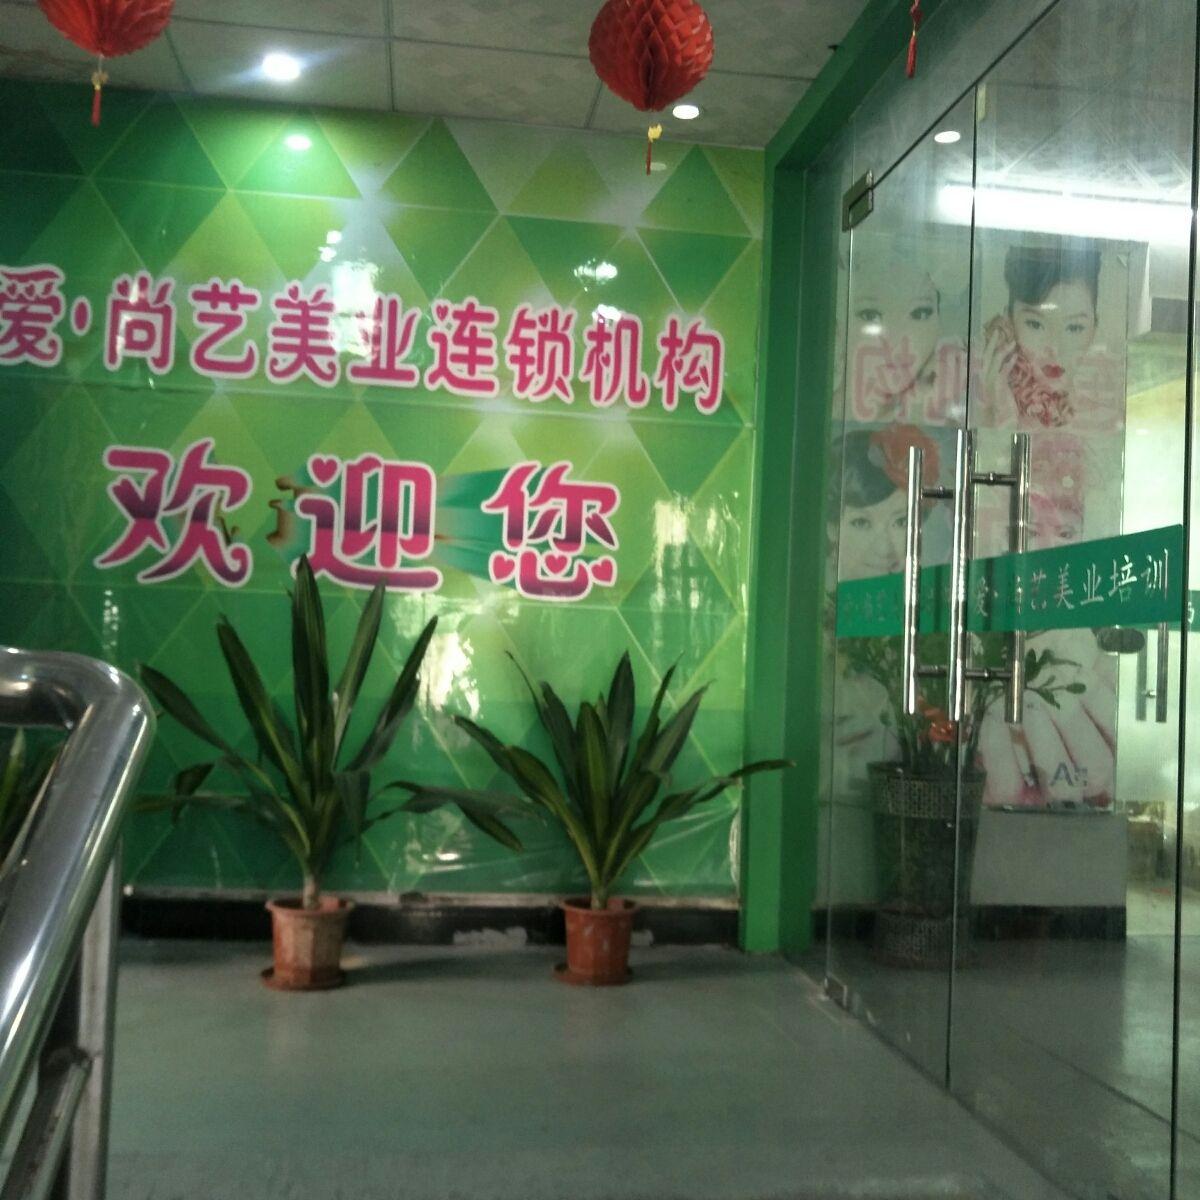 爱·尚艺美业连锁机构(园洲校区)